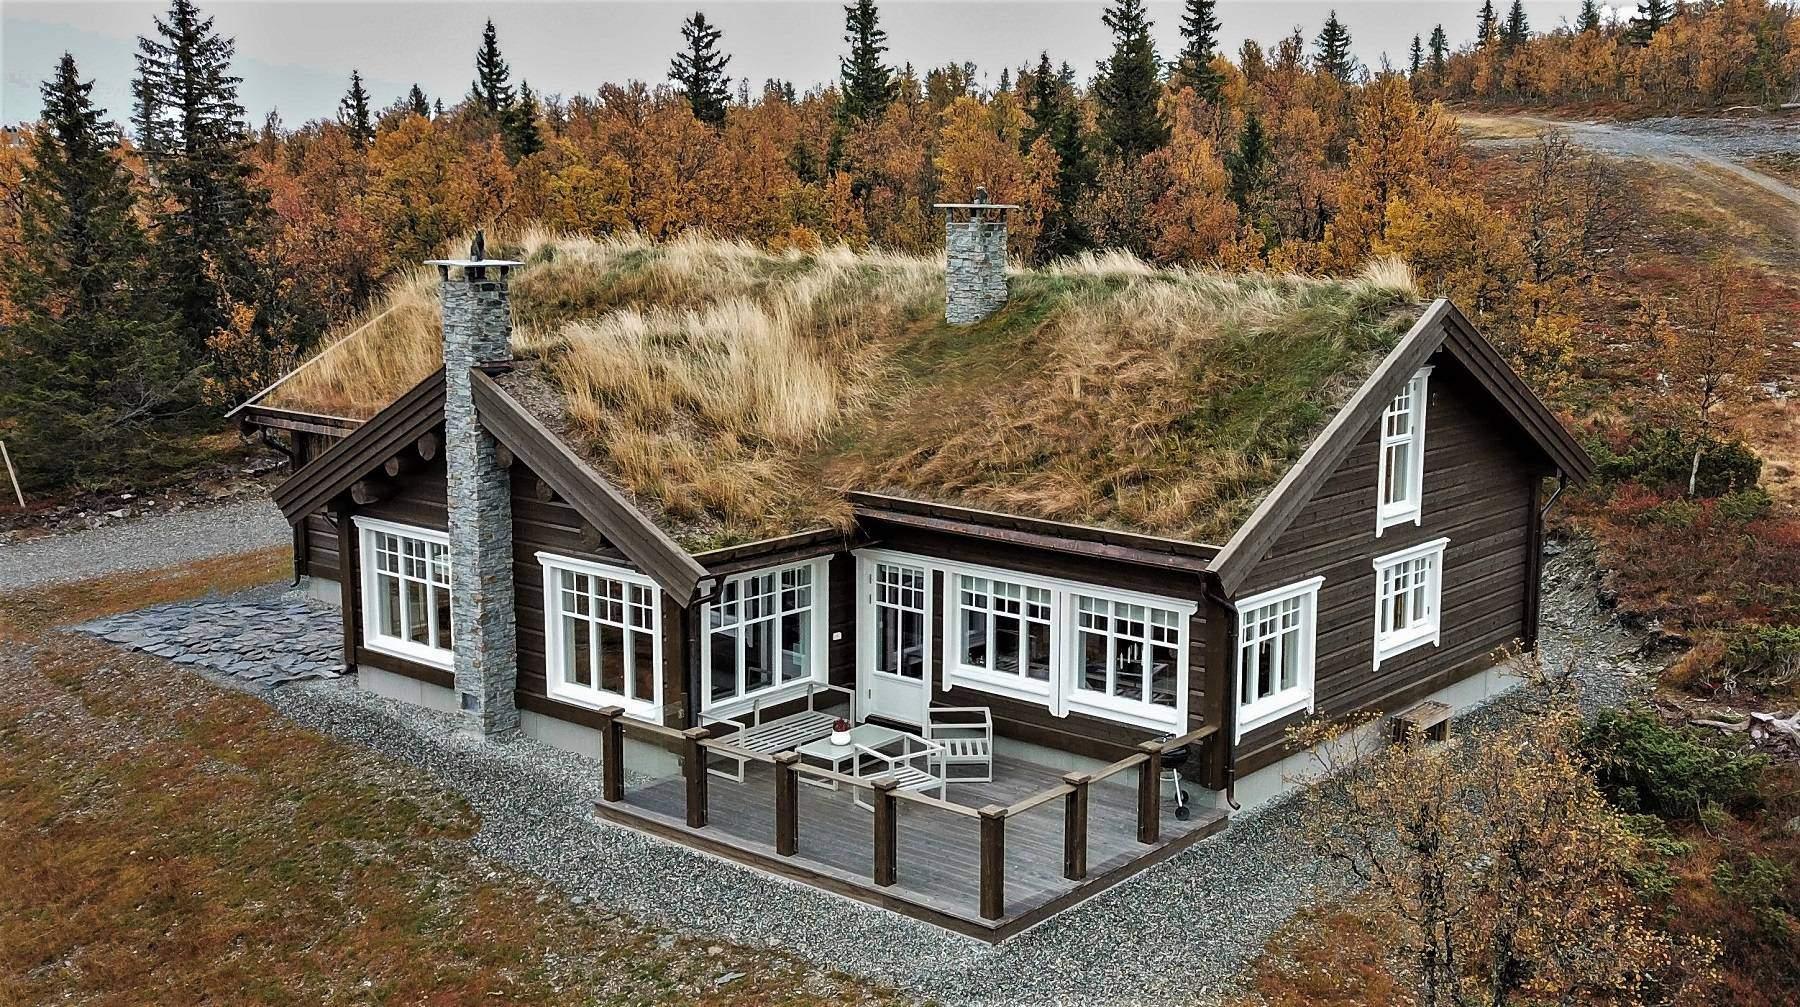 32 Hyttemodell Hytte Hemsedal 120